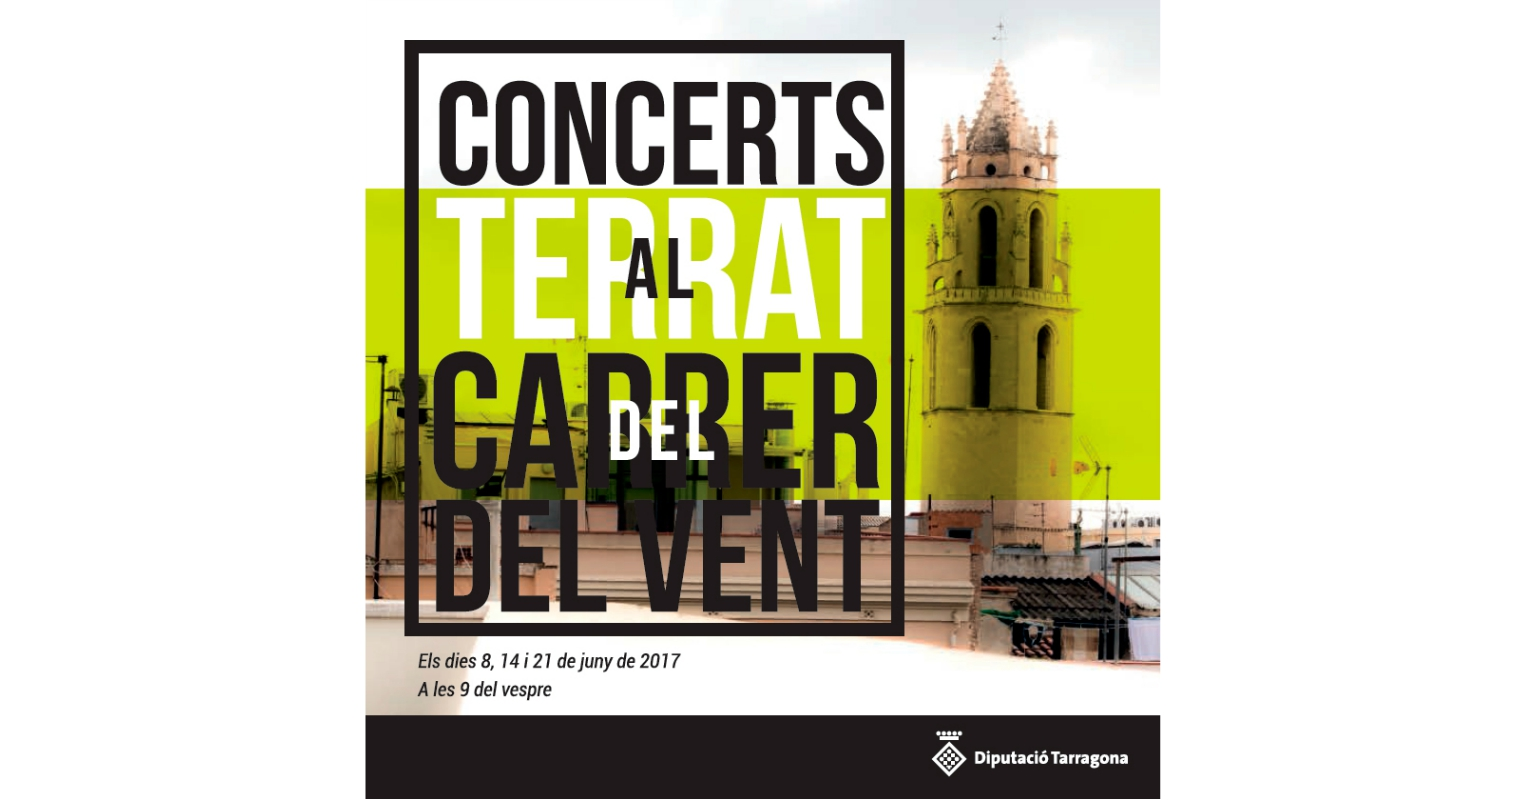 Concerts al Terrat del carrer del Vent